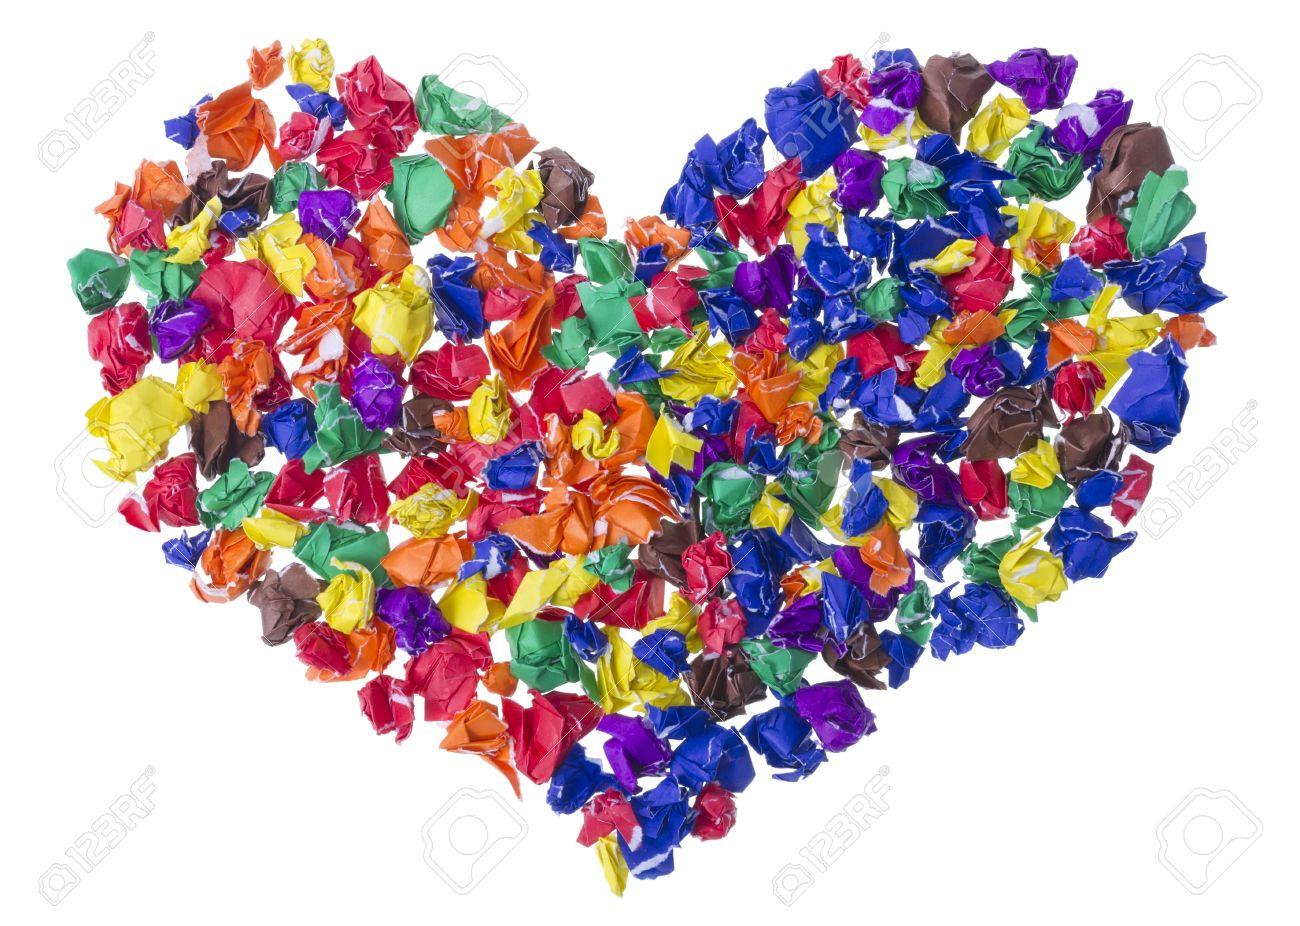 Аппликация в виде сердечка из смятой цветной бумаги